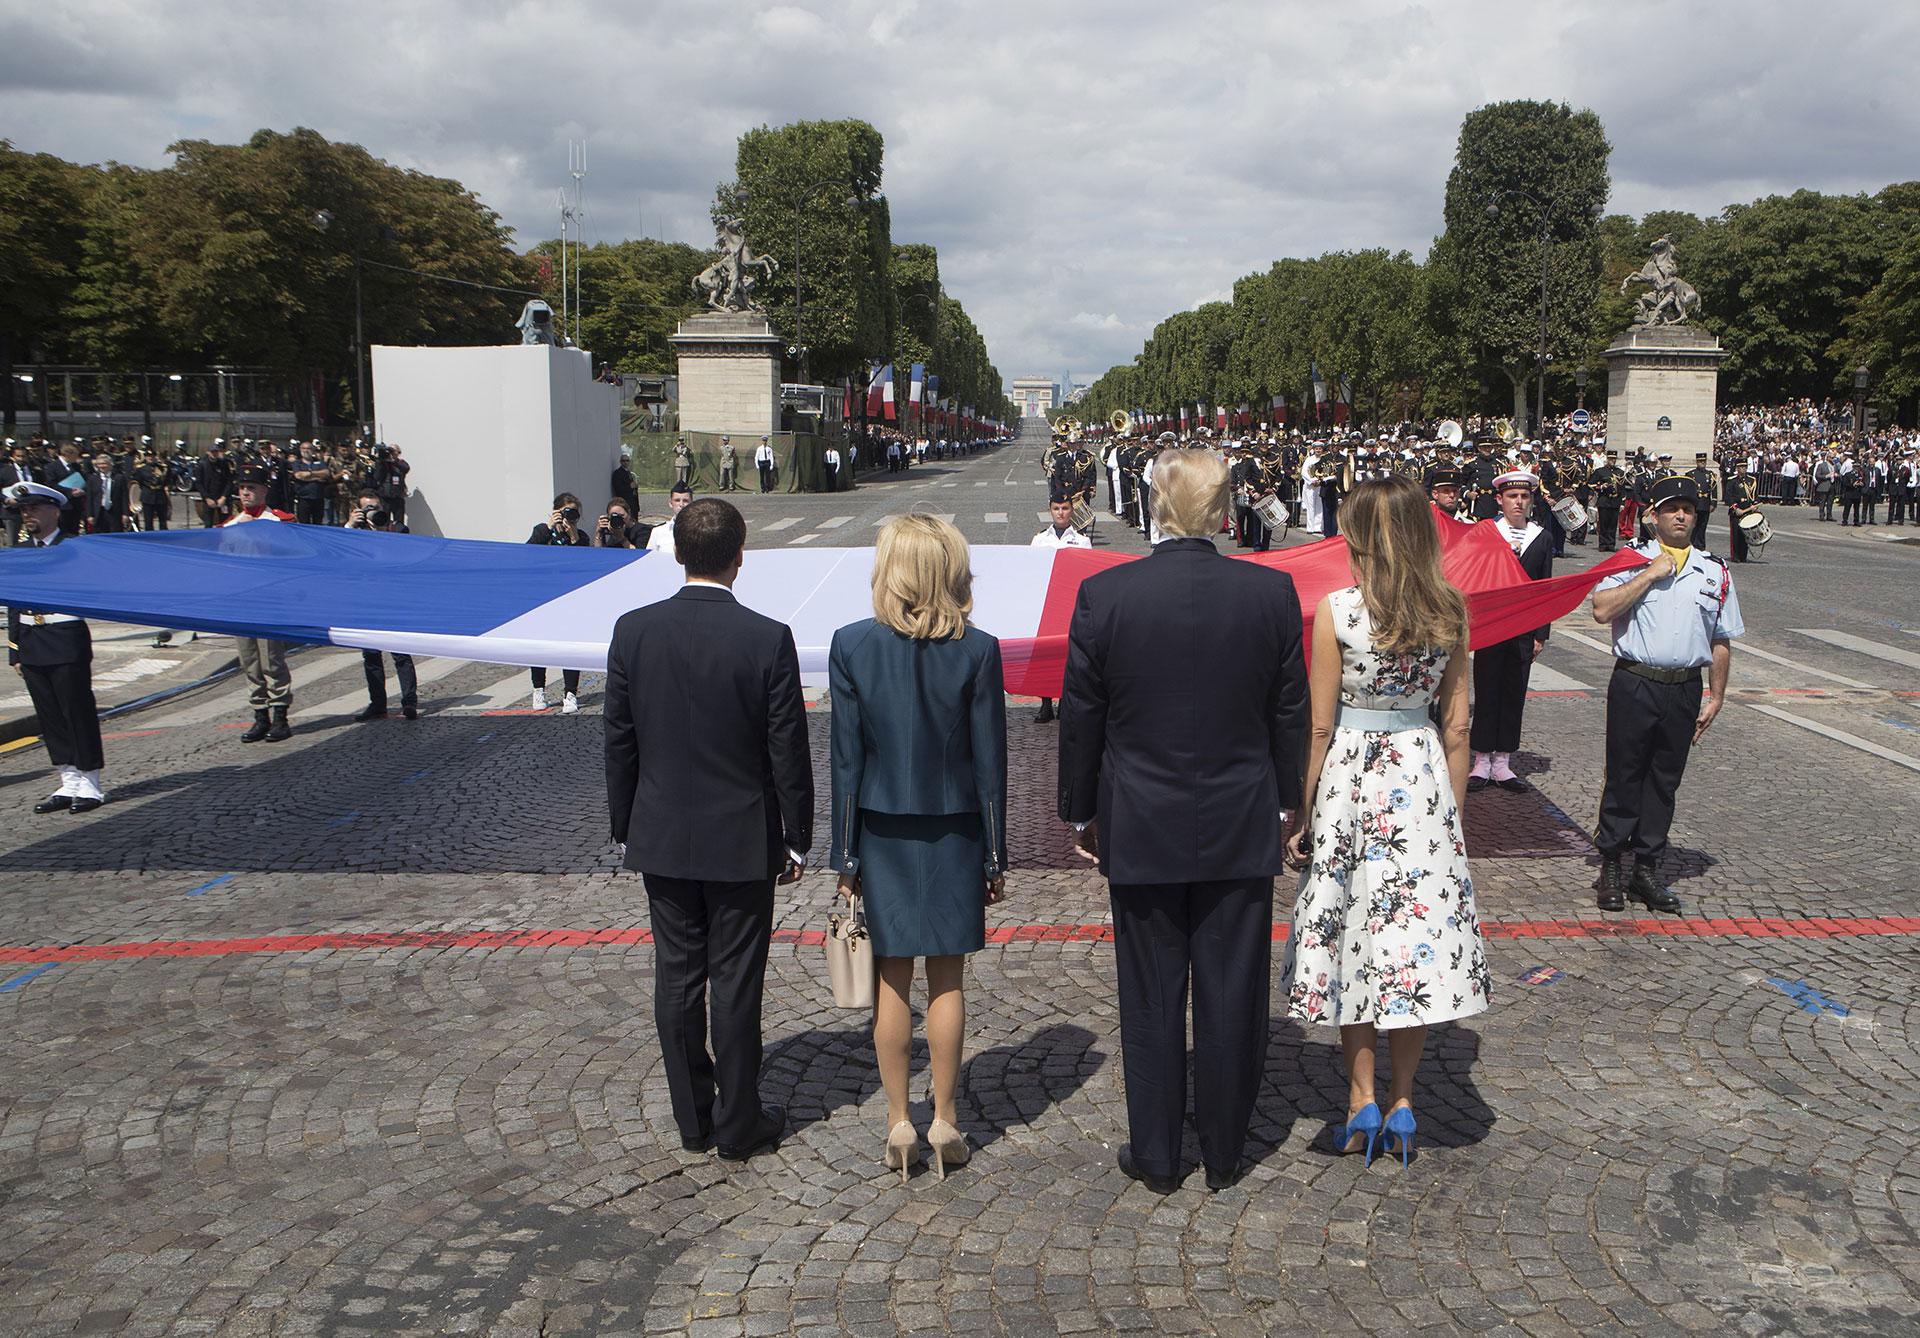 Los mandatarios conmemoran la bandera francesa al final del evento (AFP)